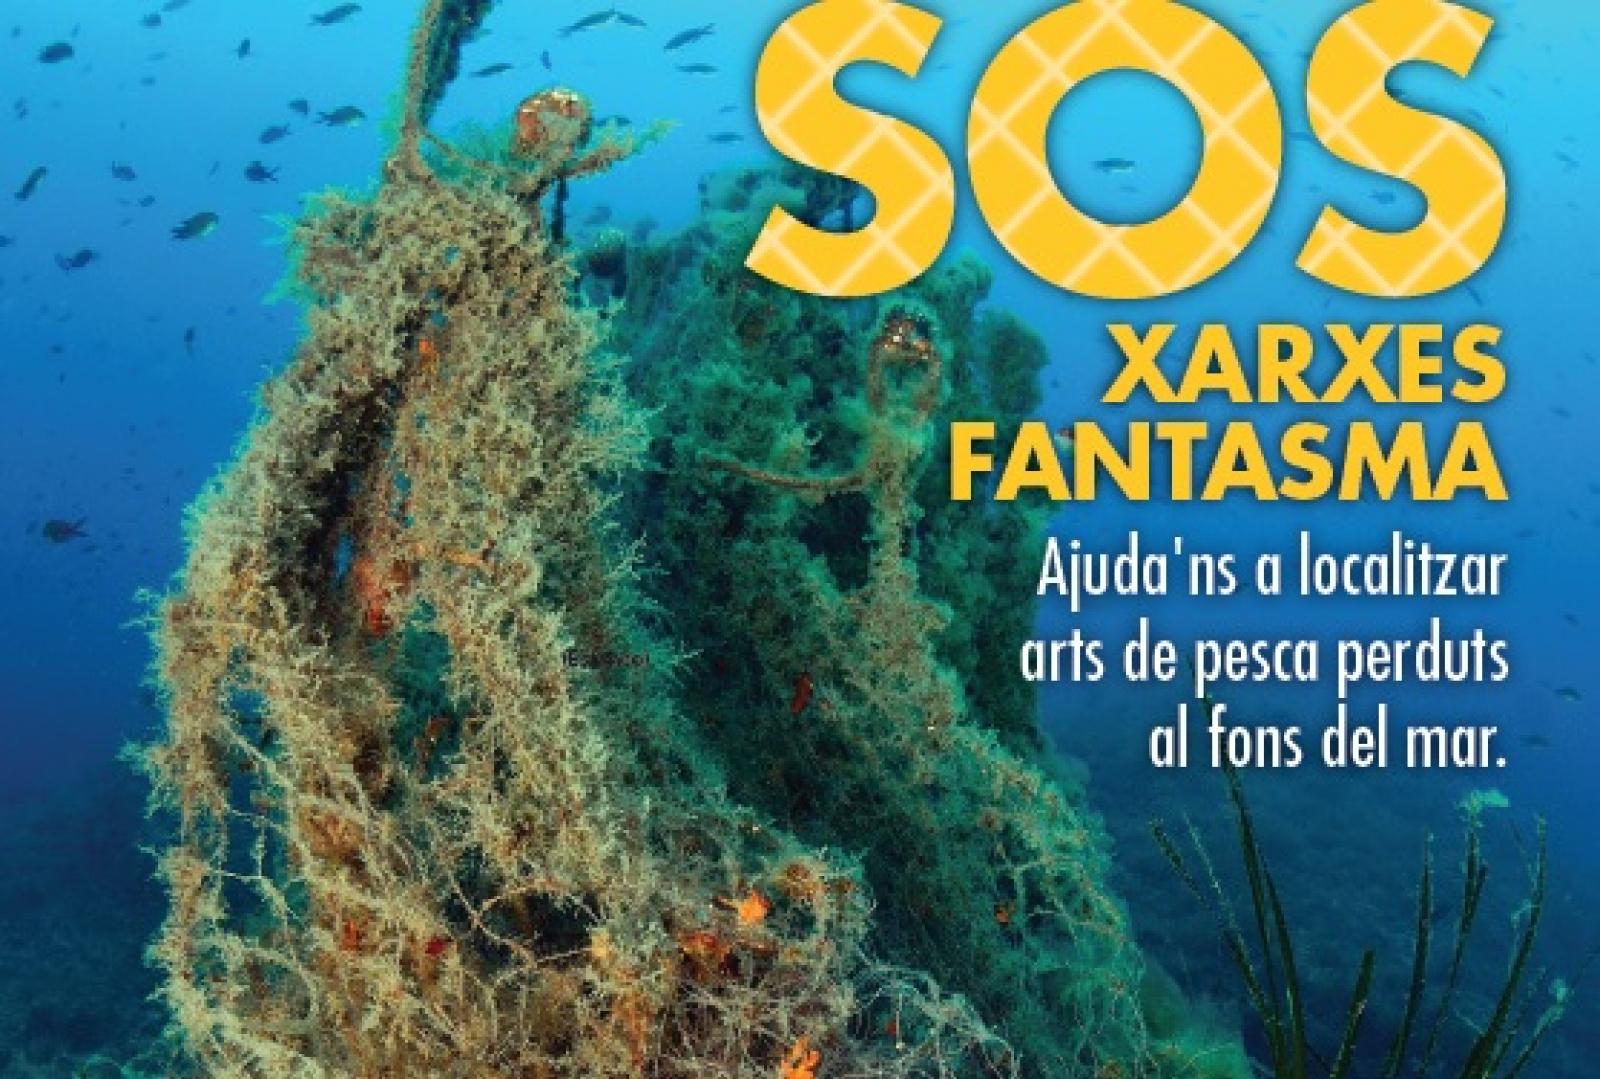 Cartell de la campanya per a la localització i retirada d'arts de pesca i xarxes fantasma